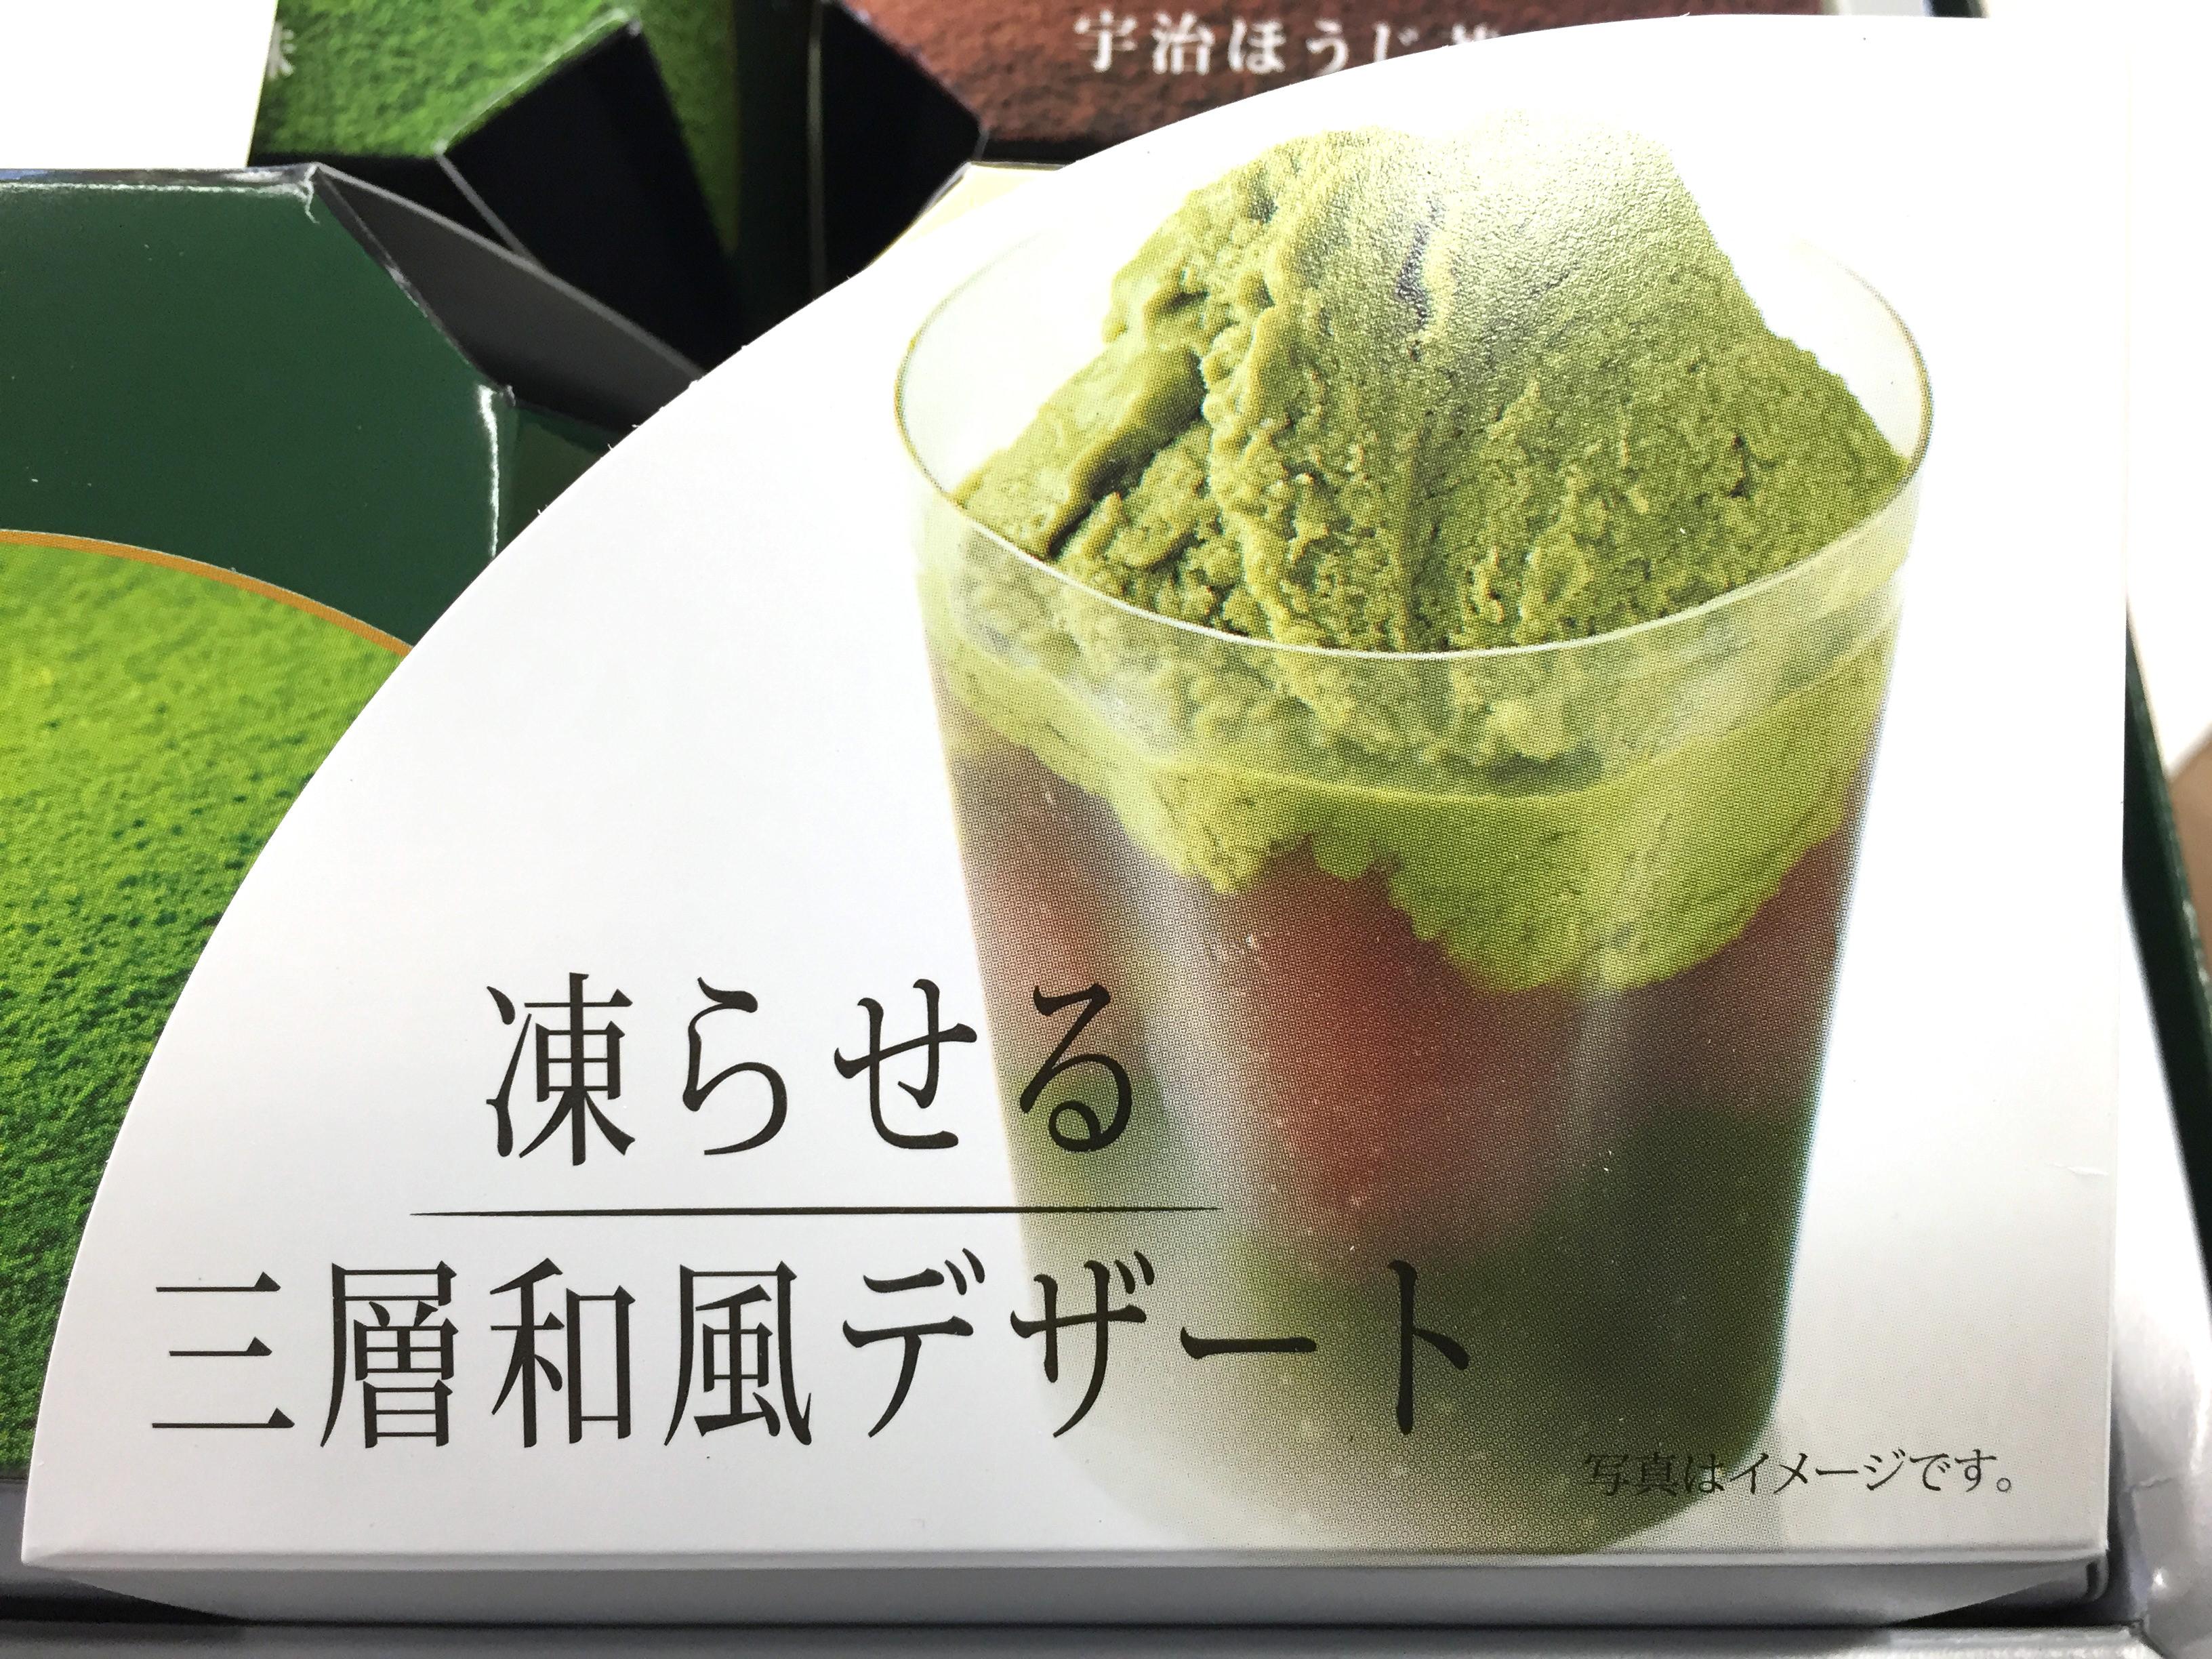 凍らせる三層和風デザート「茶涼」 贈物広場セノヲ山崎店